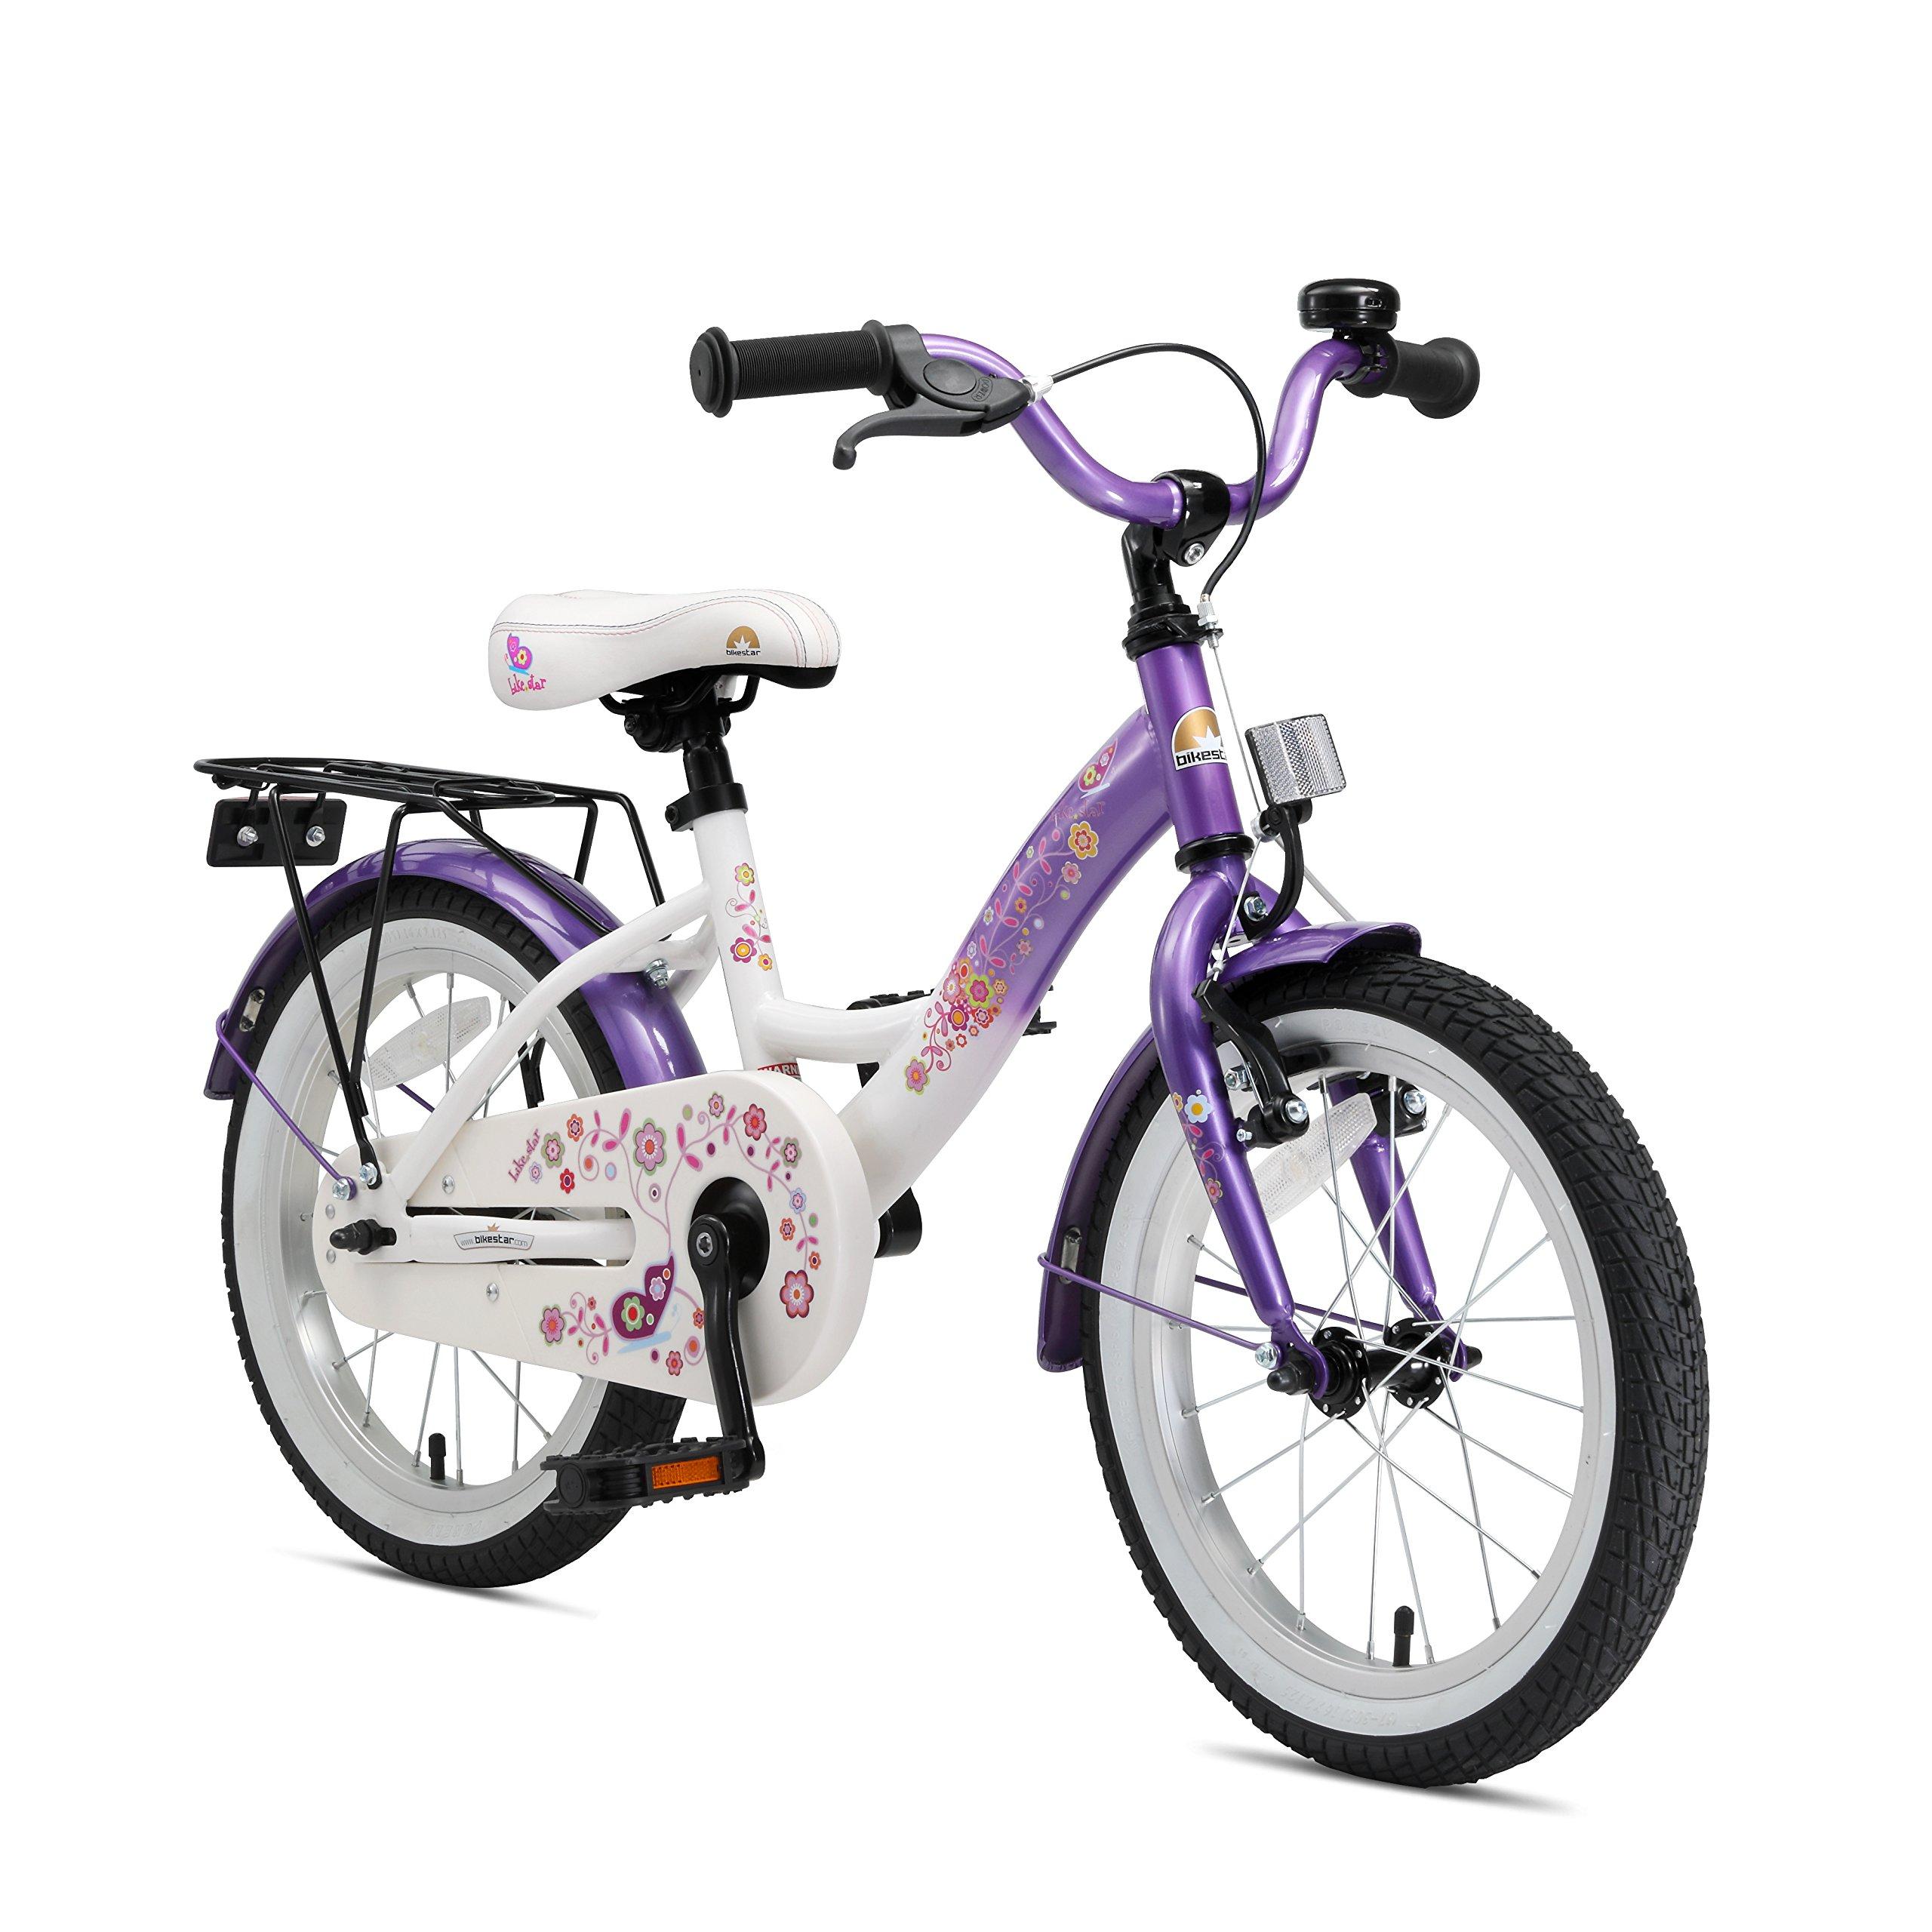 BIKESTAR Bicicleta infantil | Bici para niños y niñas 16 pulgadas | Color Lila | A